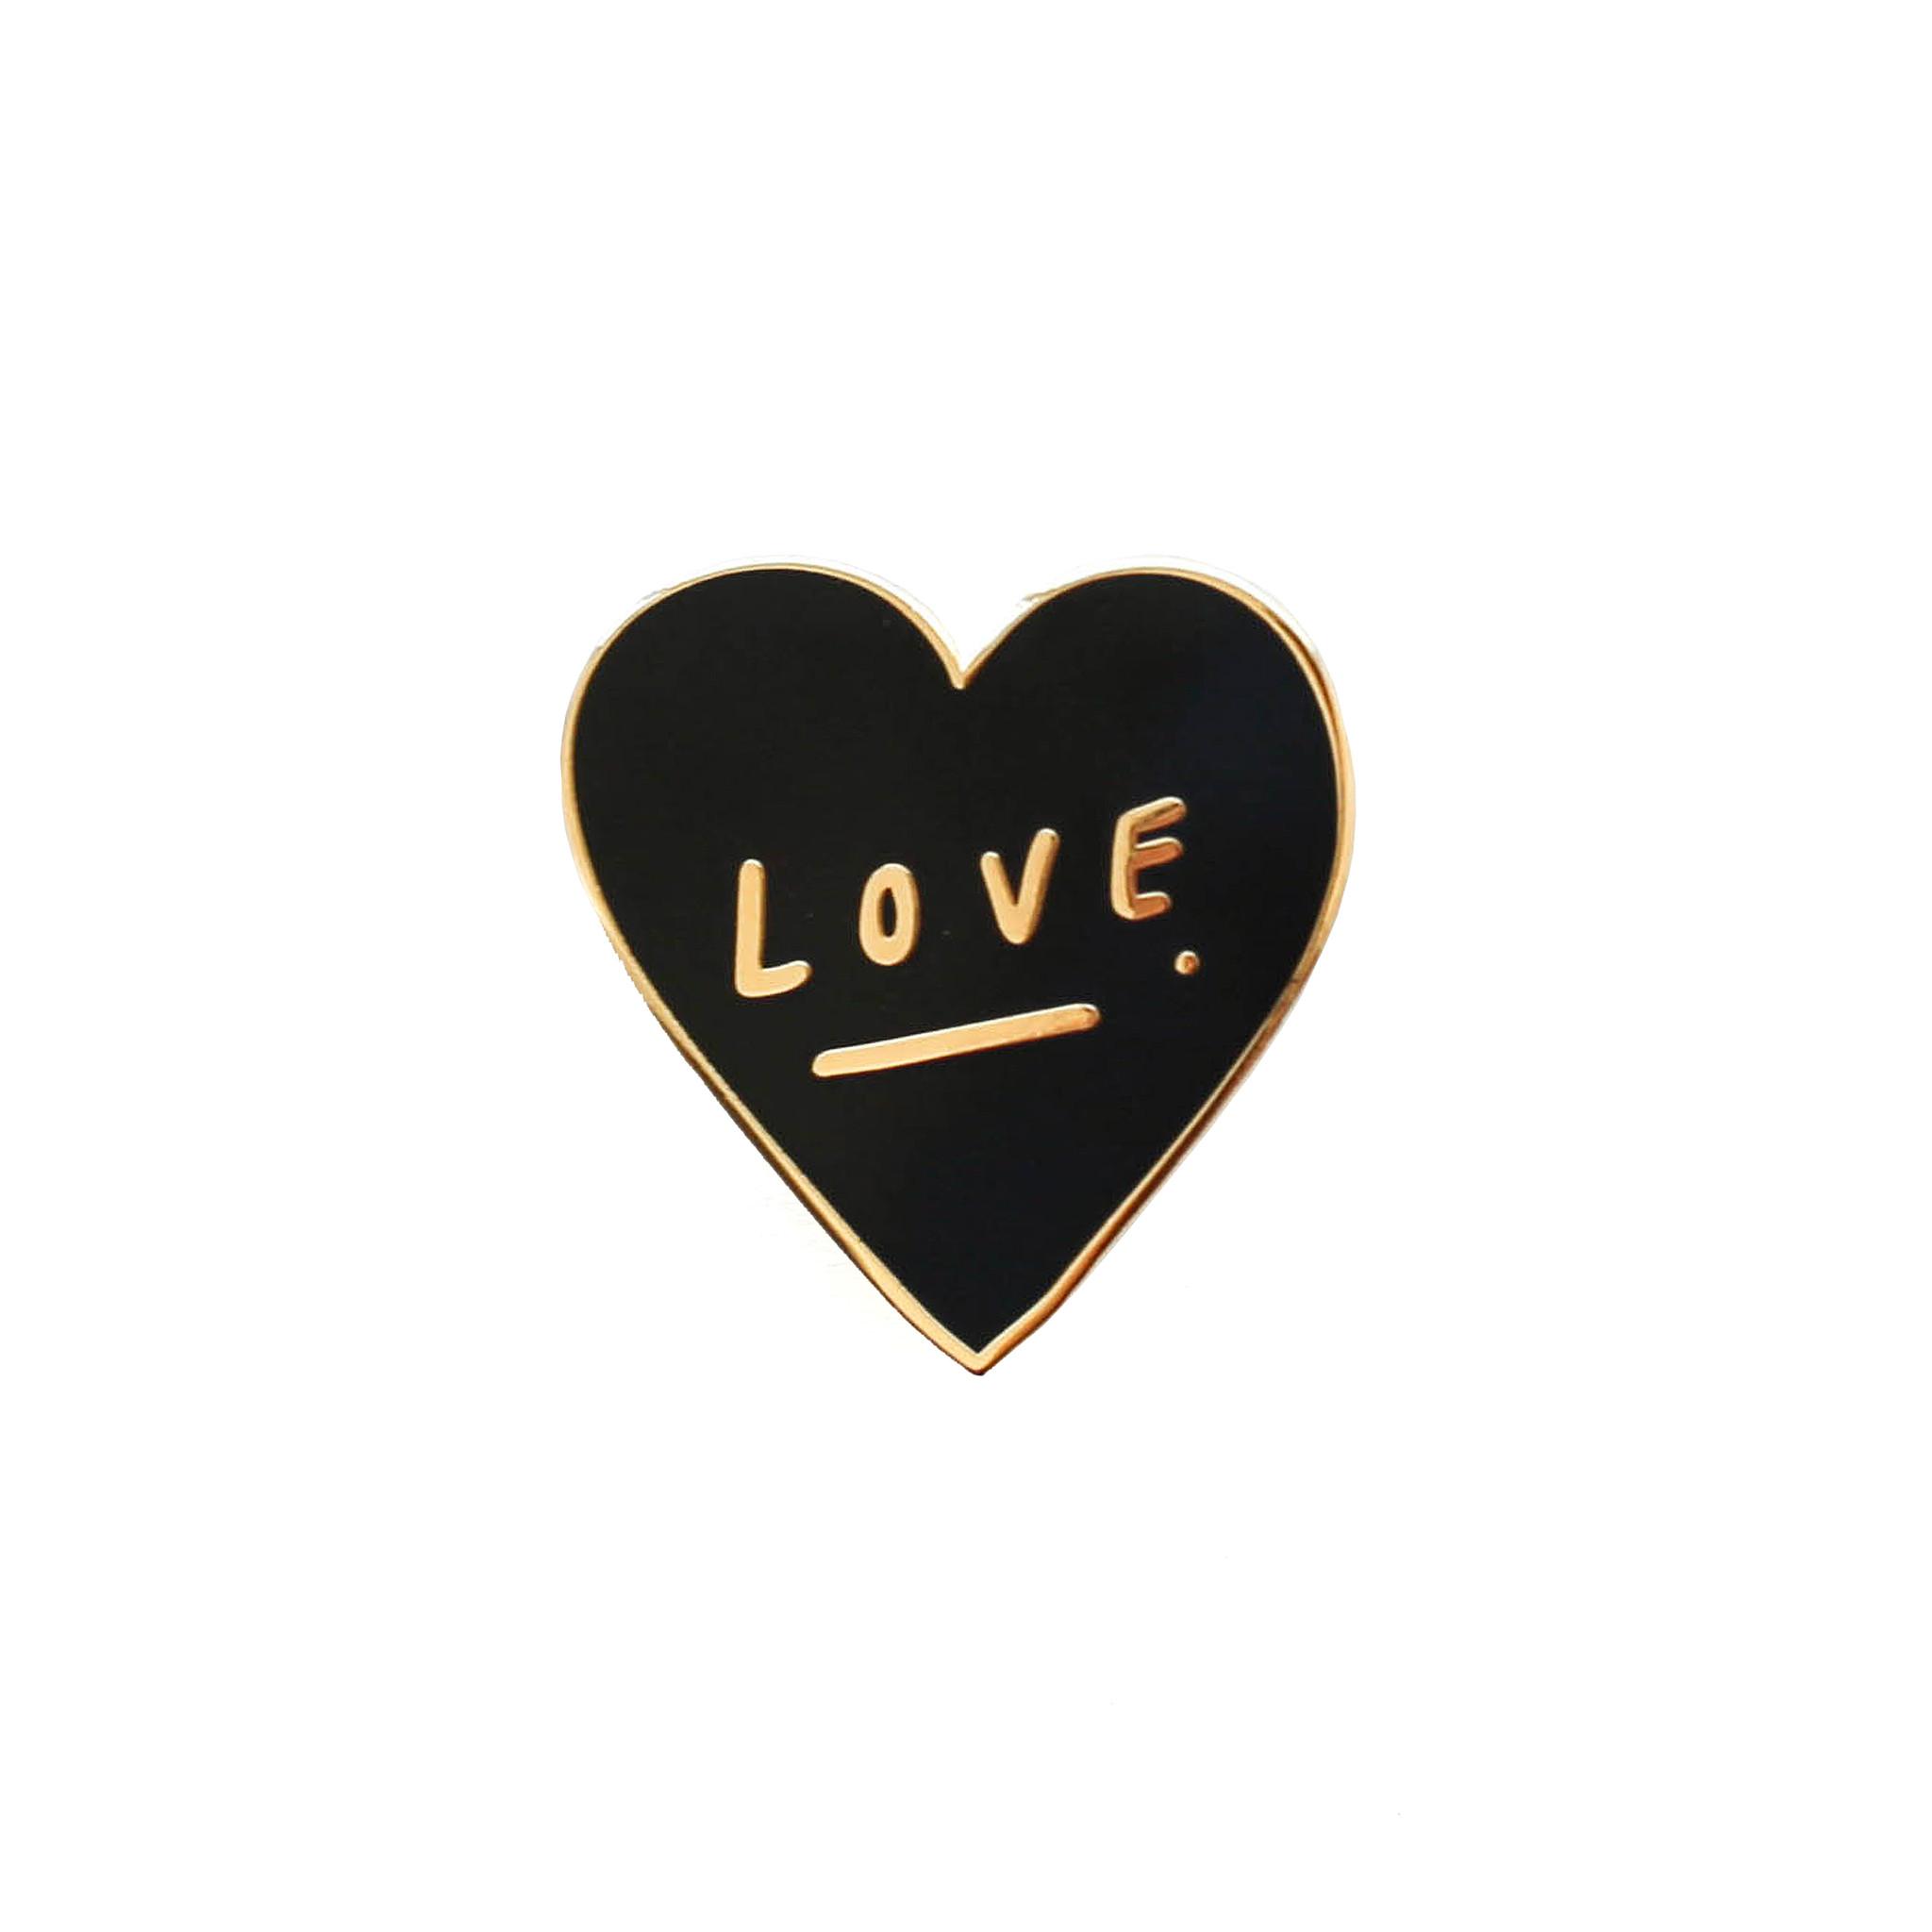 Love Heart Pin